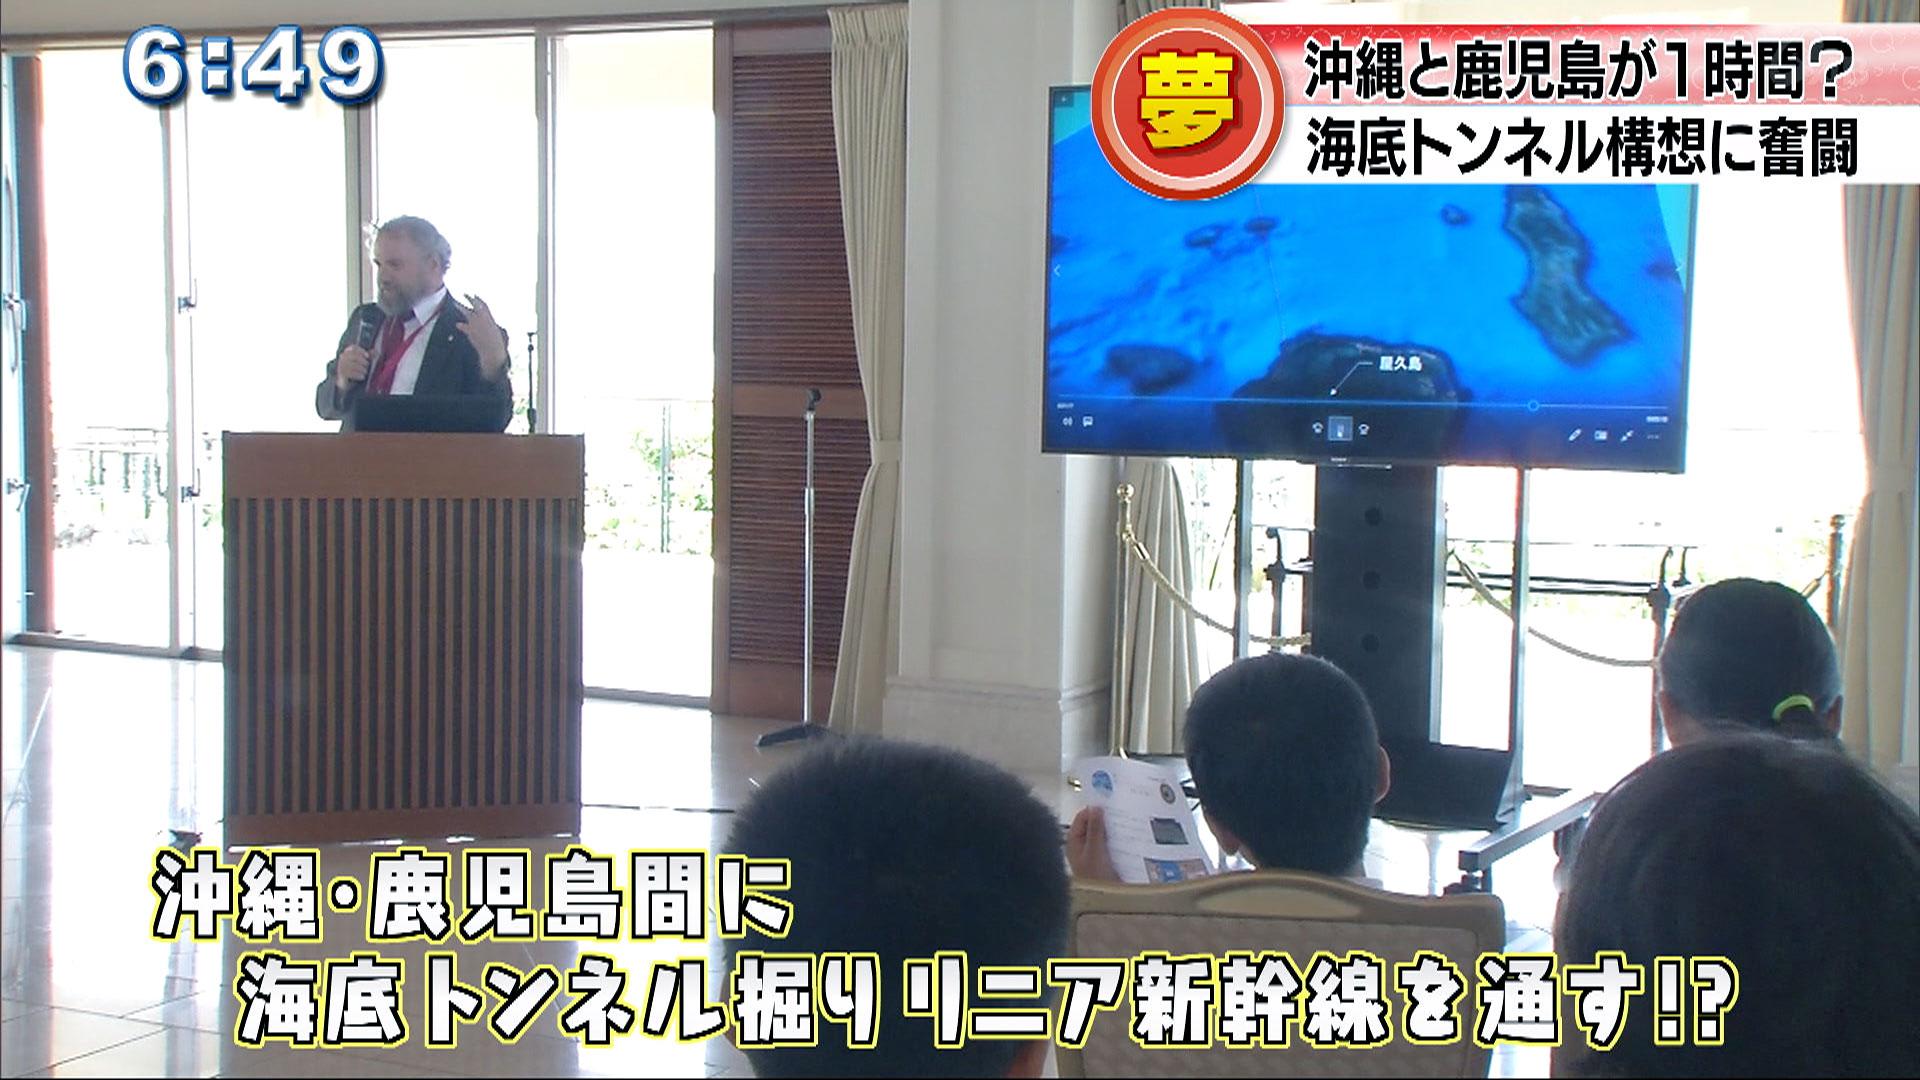 沖縄と鹿児島結ぶ海底トンネルを!